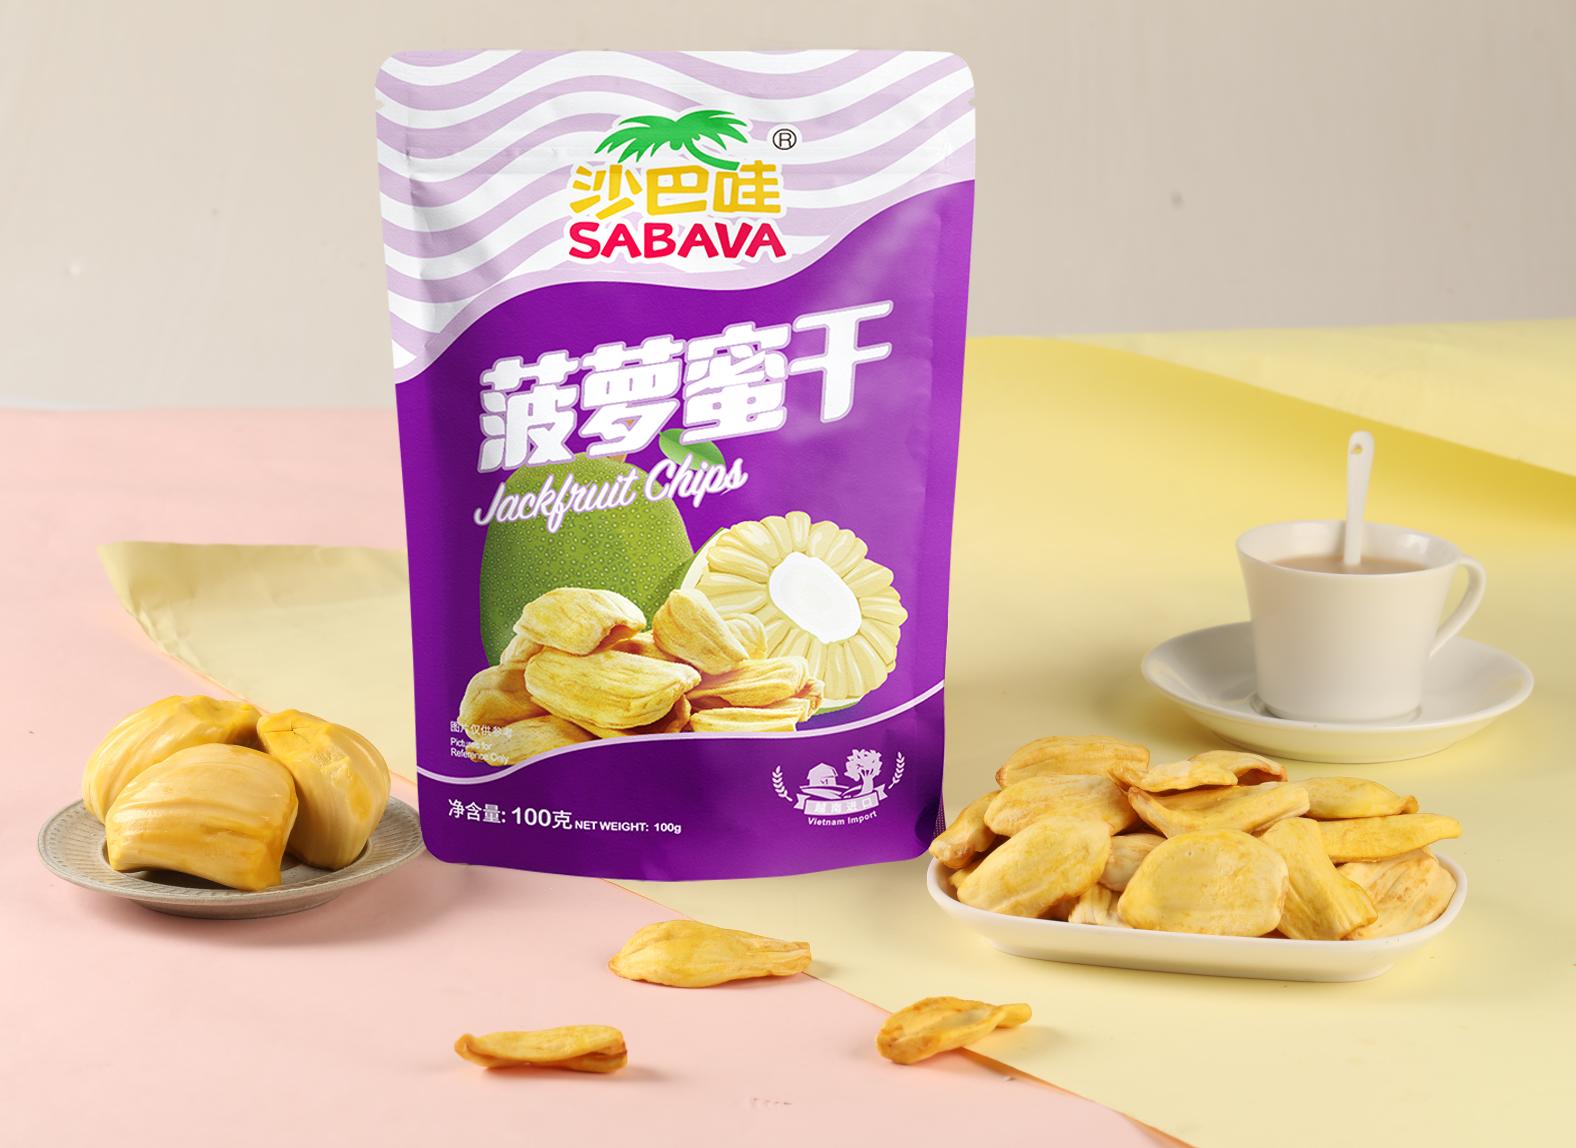 成为沙巴哇美味家族的顶流,菠萝蜜干是如何做到的?